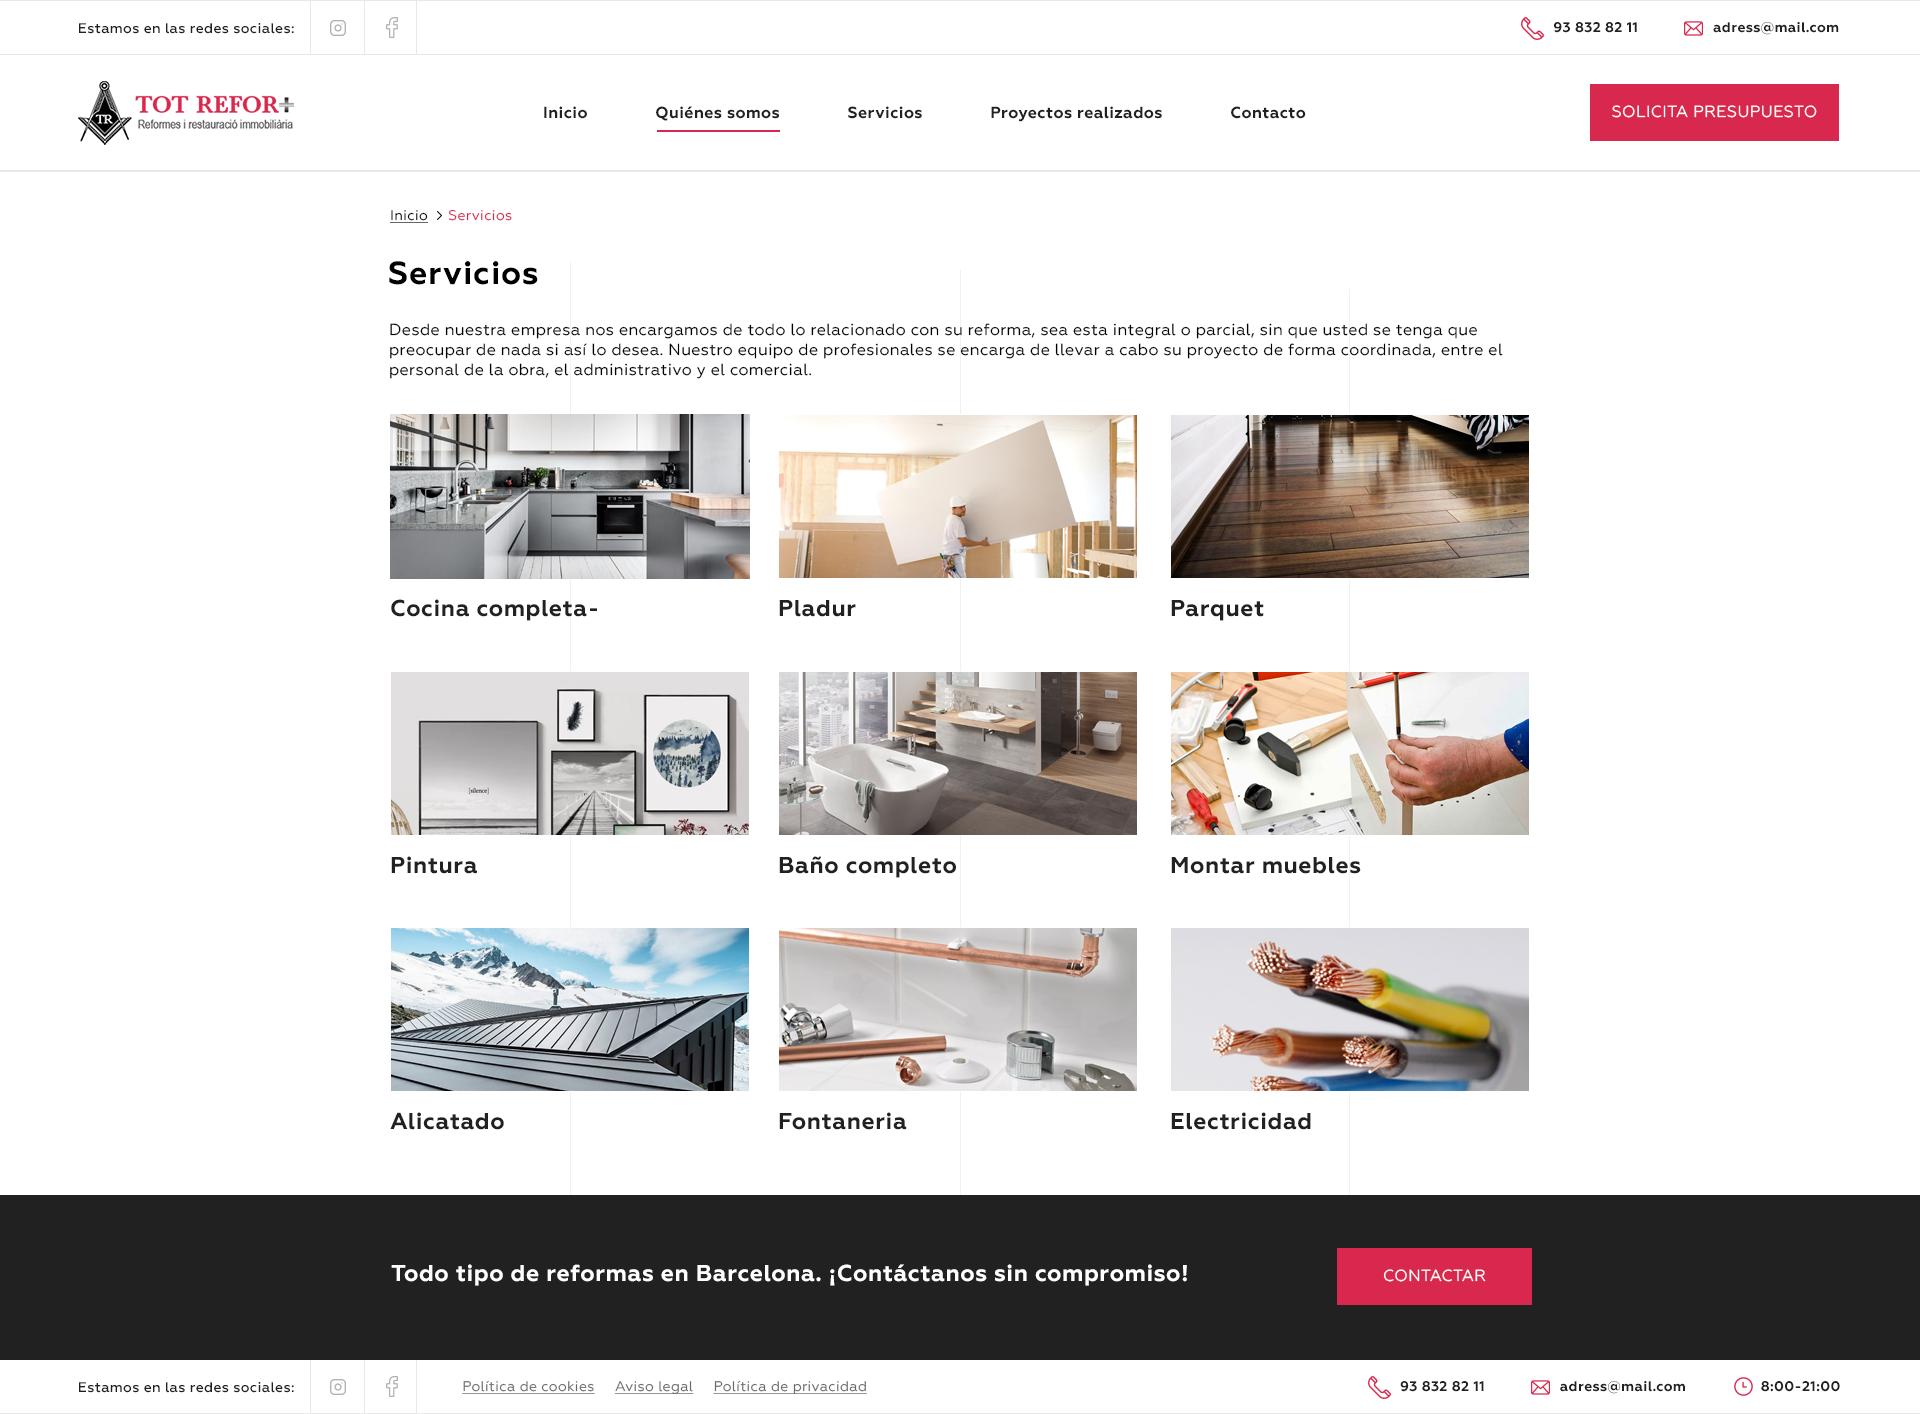 «Tot Refor» - дизайн корпоративного сайта строительной компании